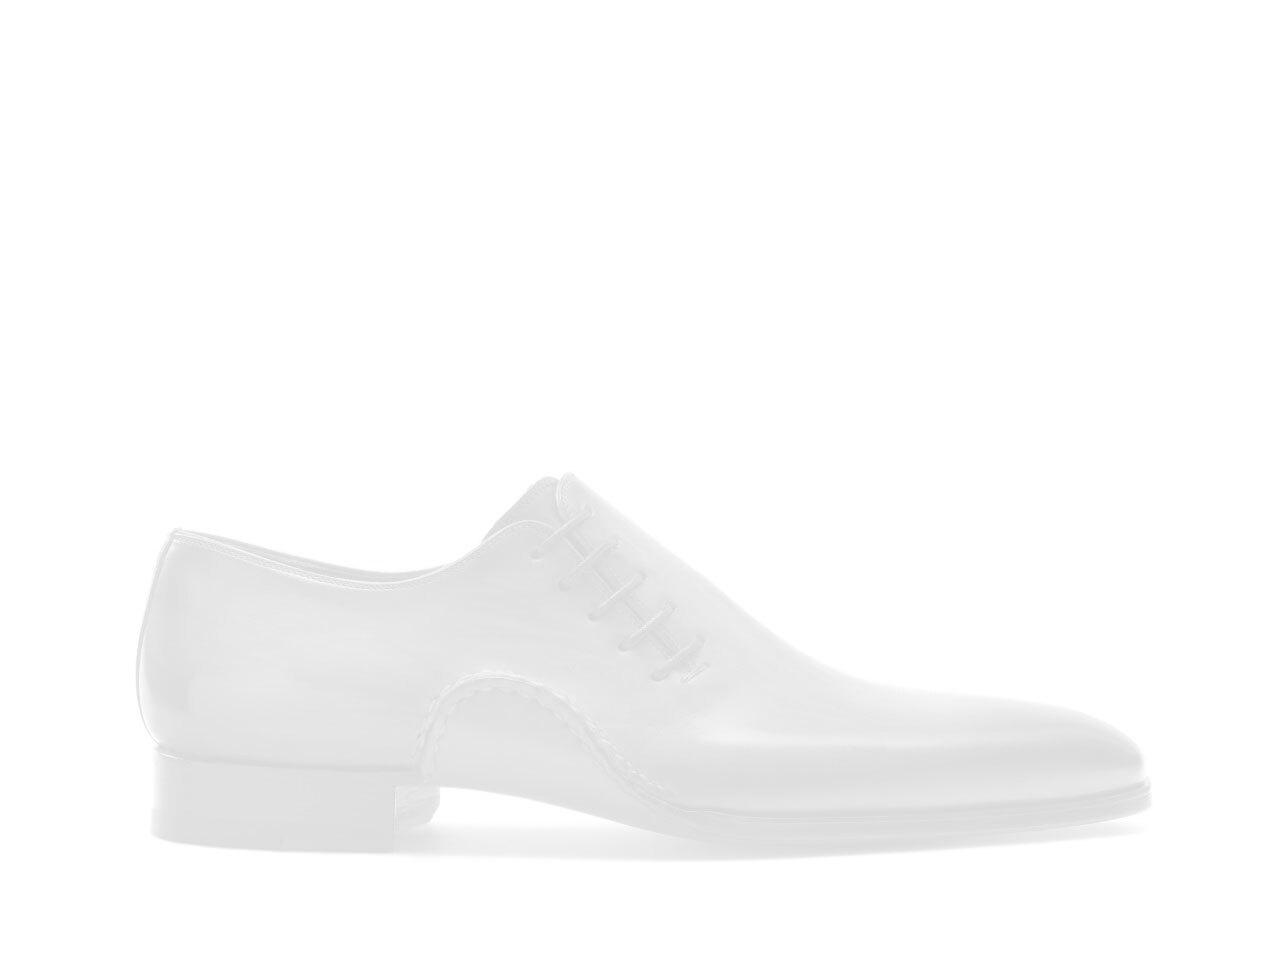 Royal blue wholecut lace up shoes for men - Magnanni